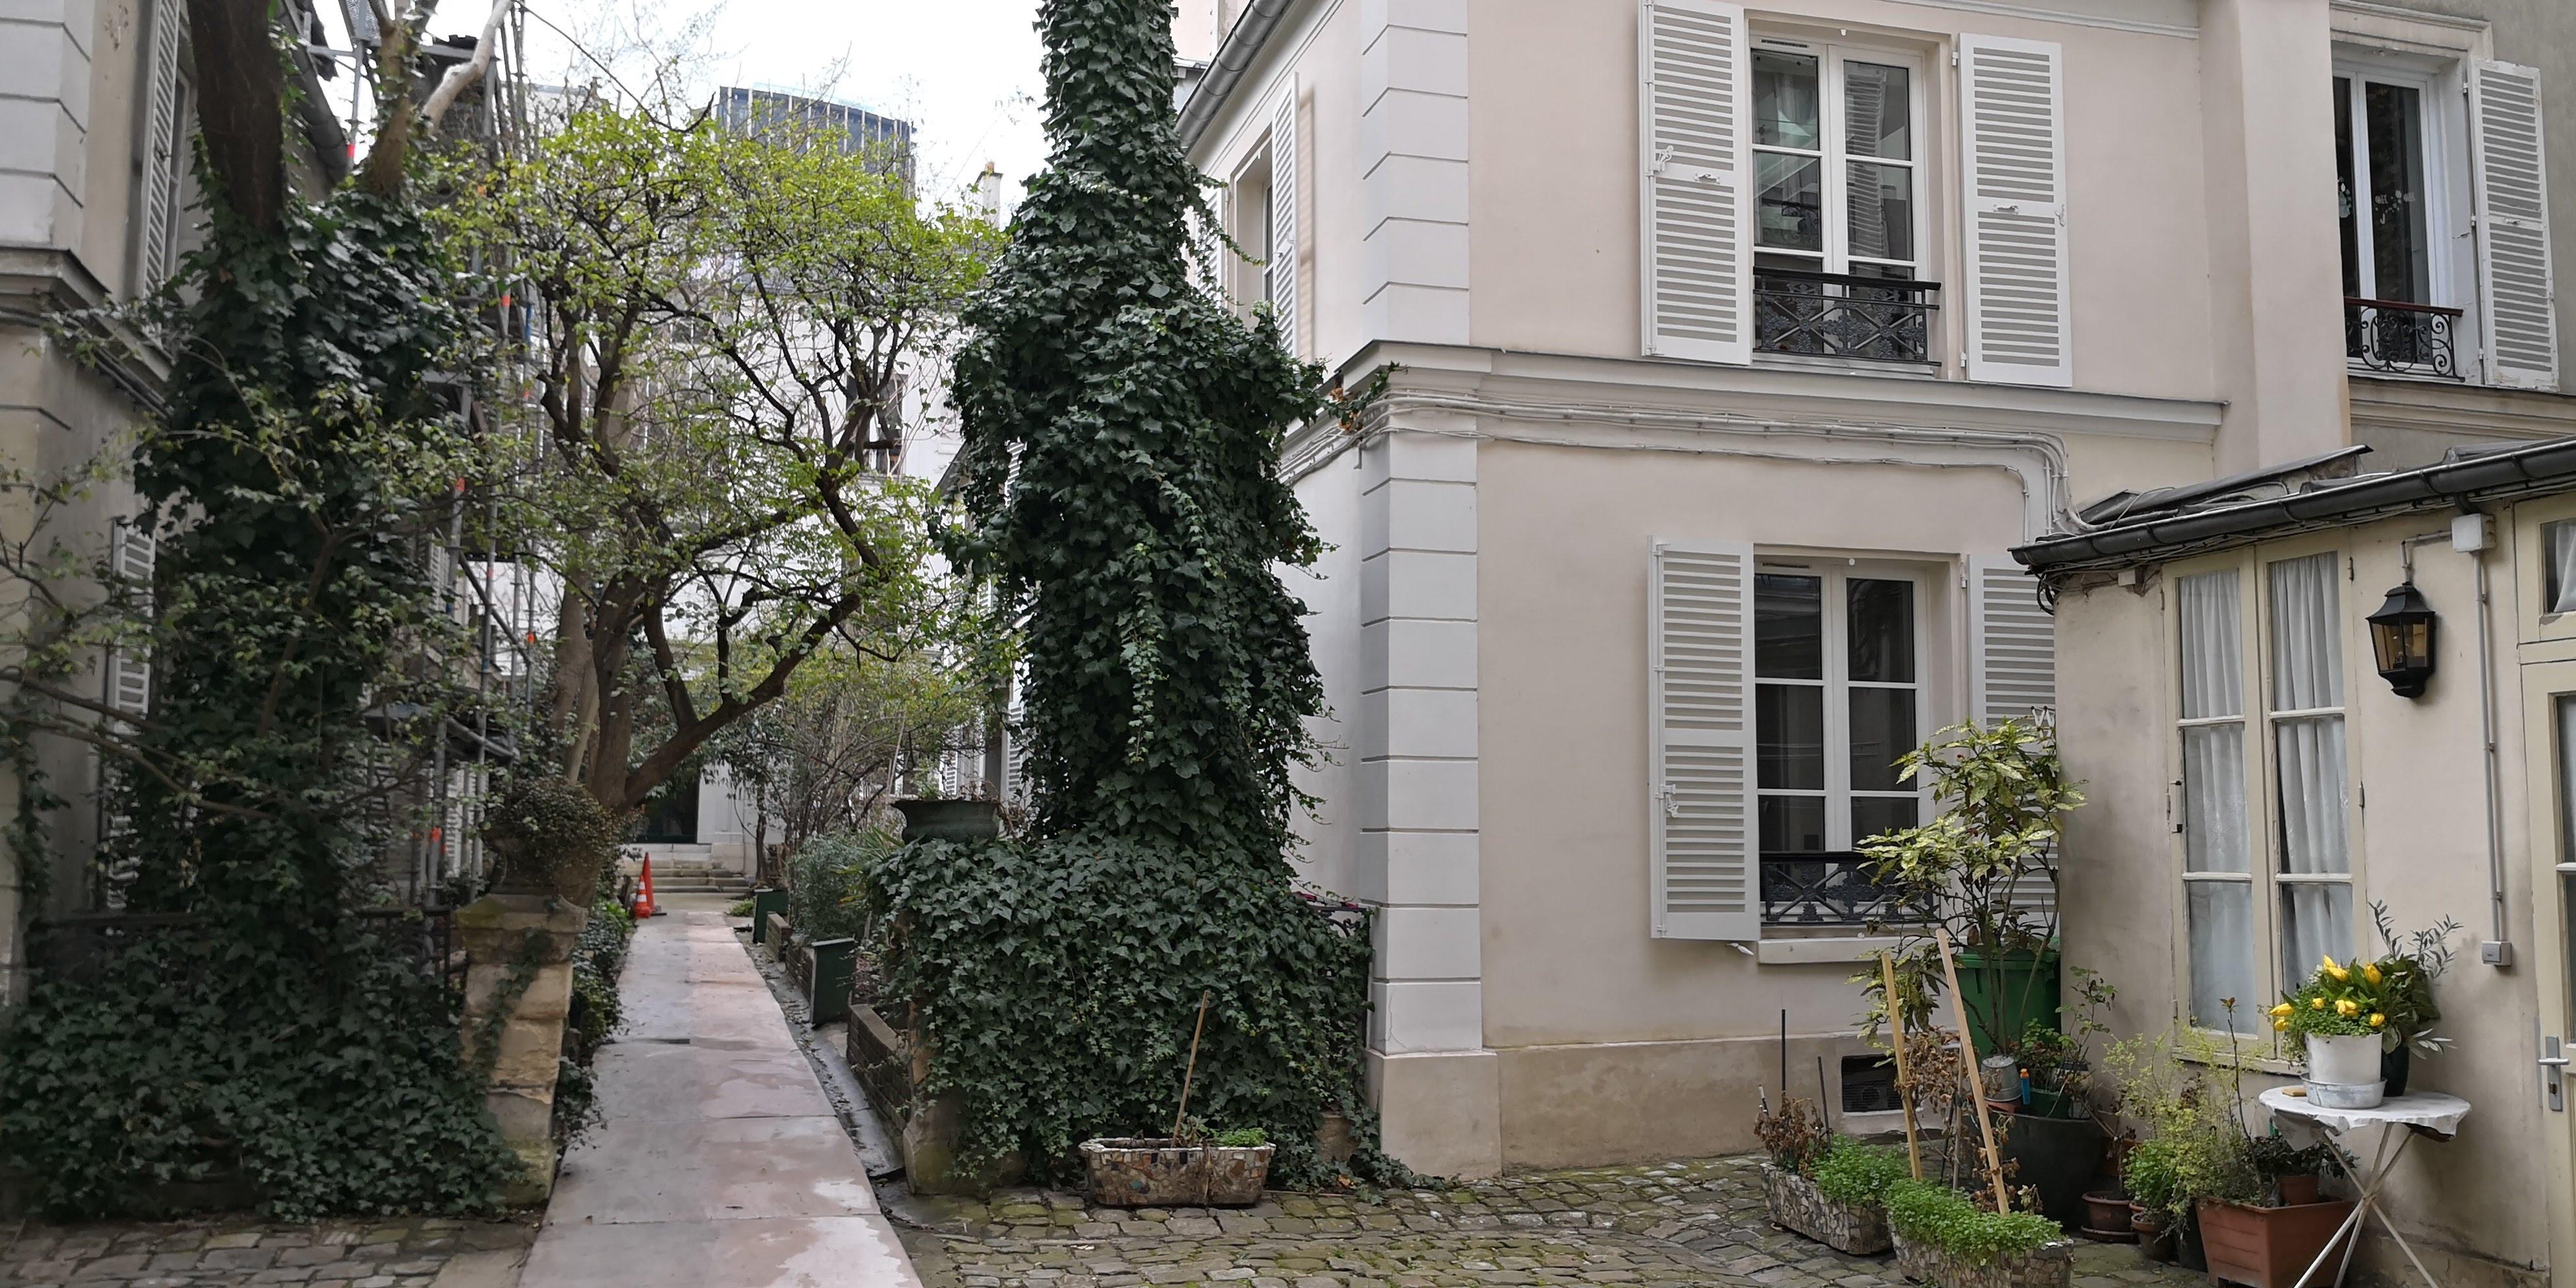 Paris 6eme, 3 pièces 64m² avec chambre de service et cave, quartier Montparnasse, métro Duroc